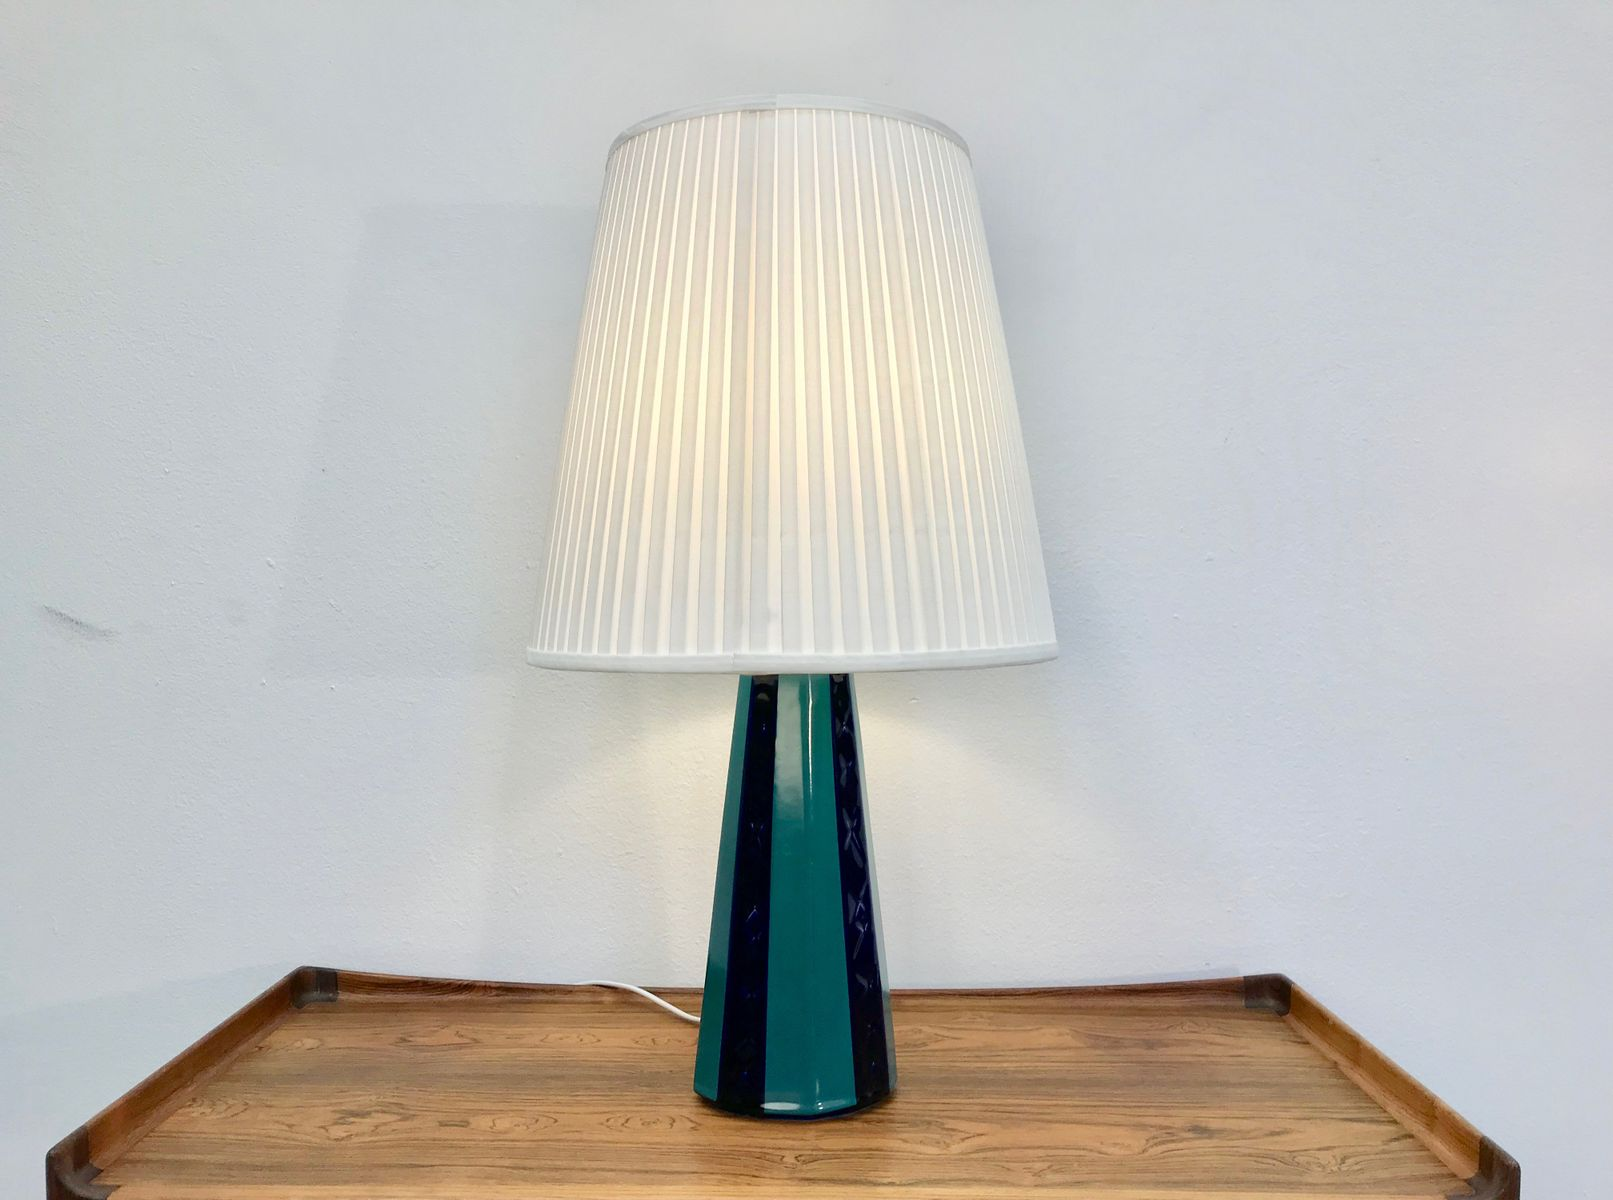 gro e d nische vintage tischlampe in gr n und blau aus. Black Bedroom Furniture Sets. Home Design Ideas